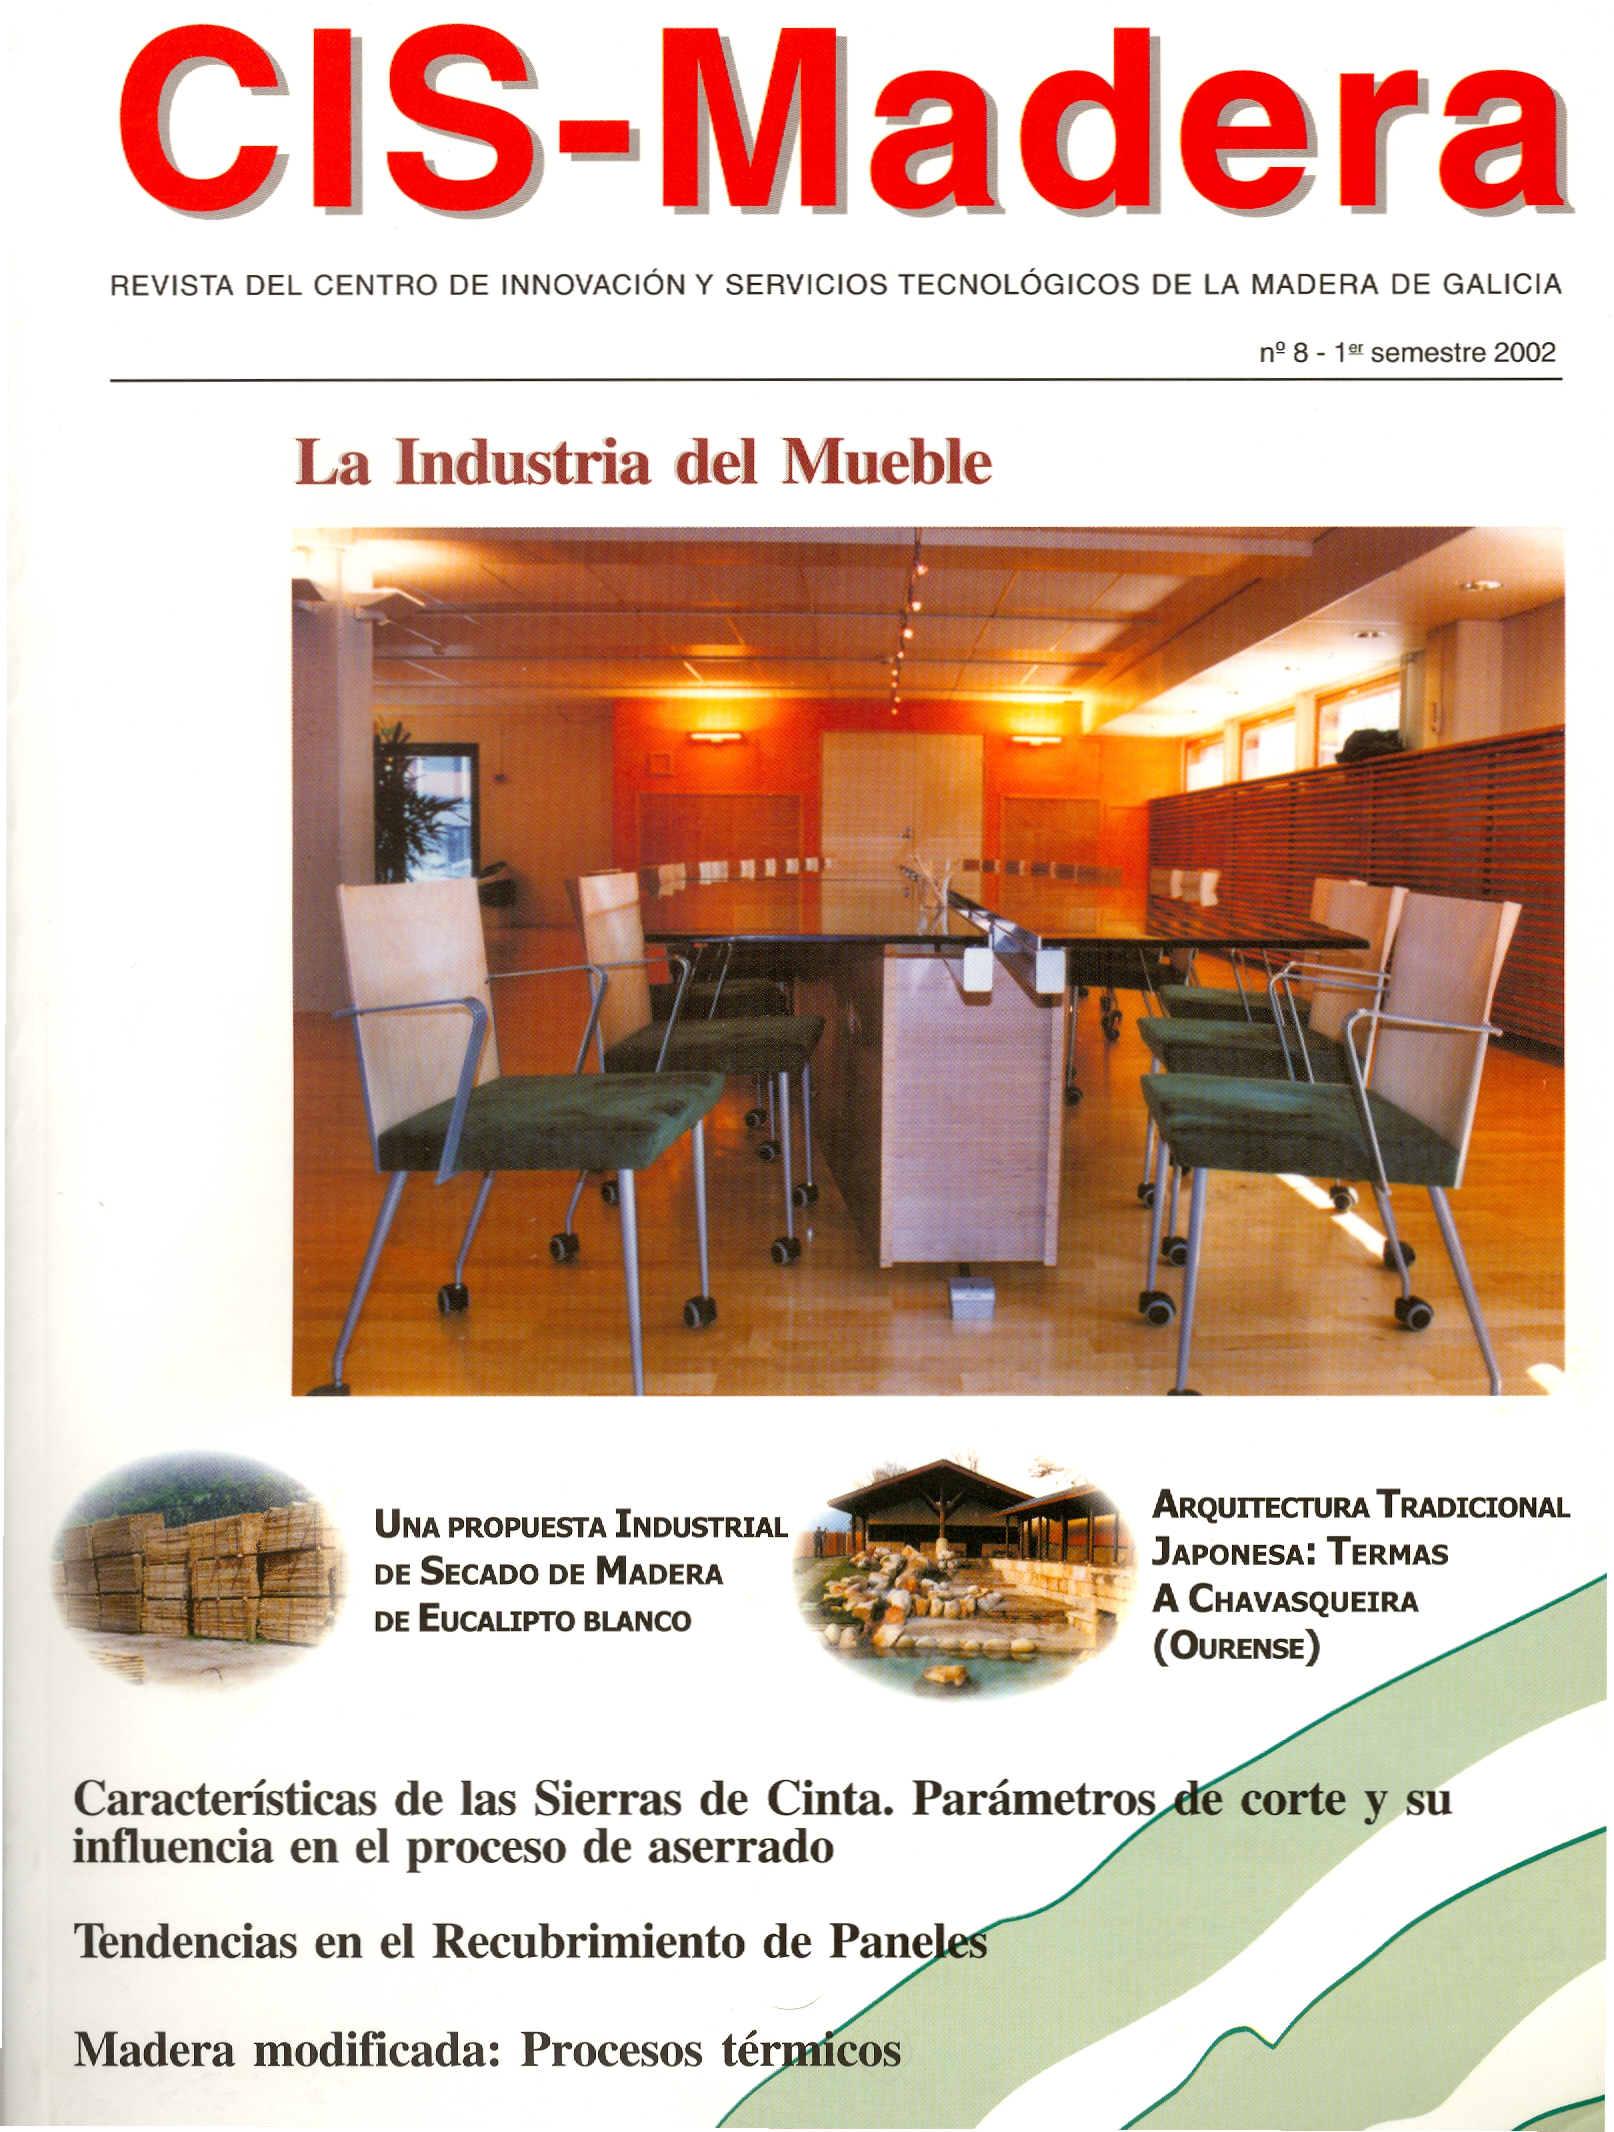 Cis madera0001_Page_01.jpg